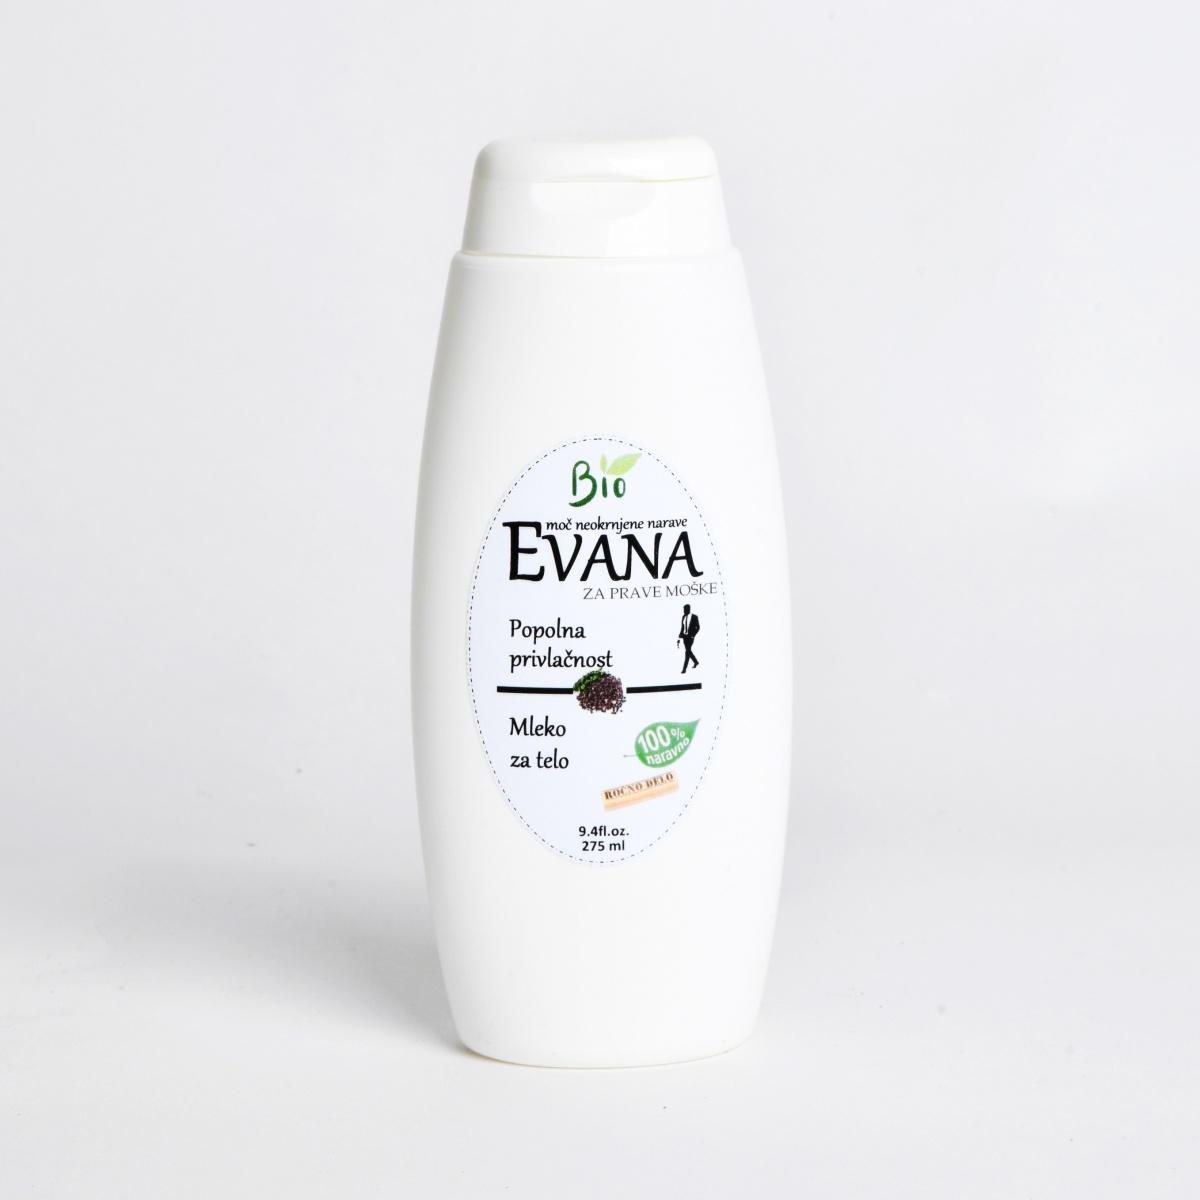 BIO mleko za telo 07 07 01 300